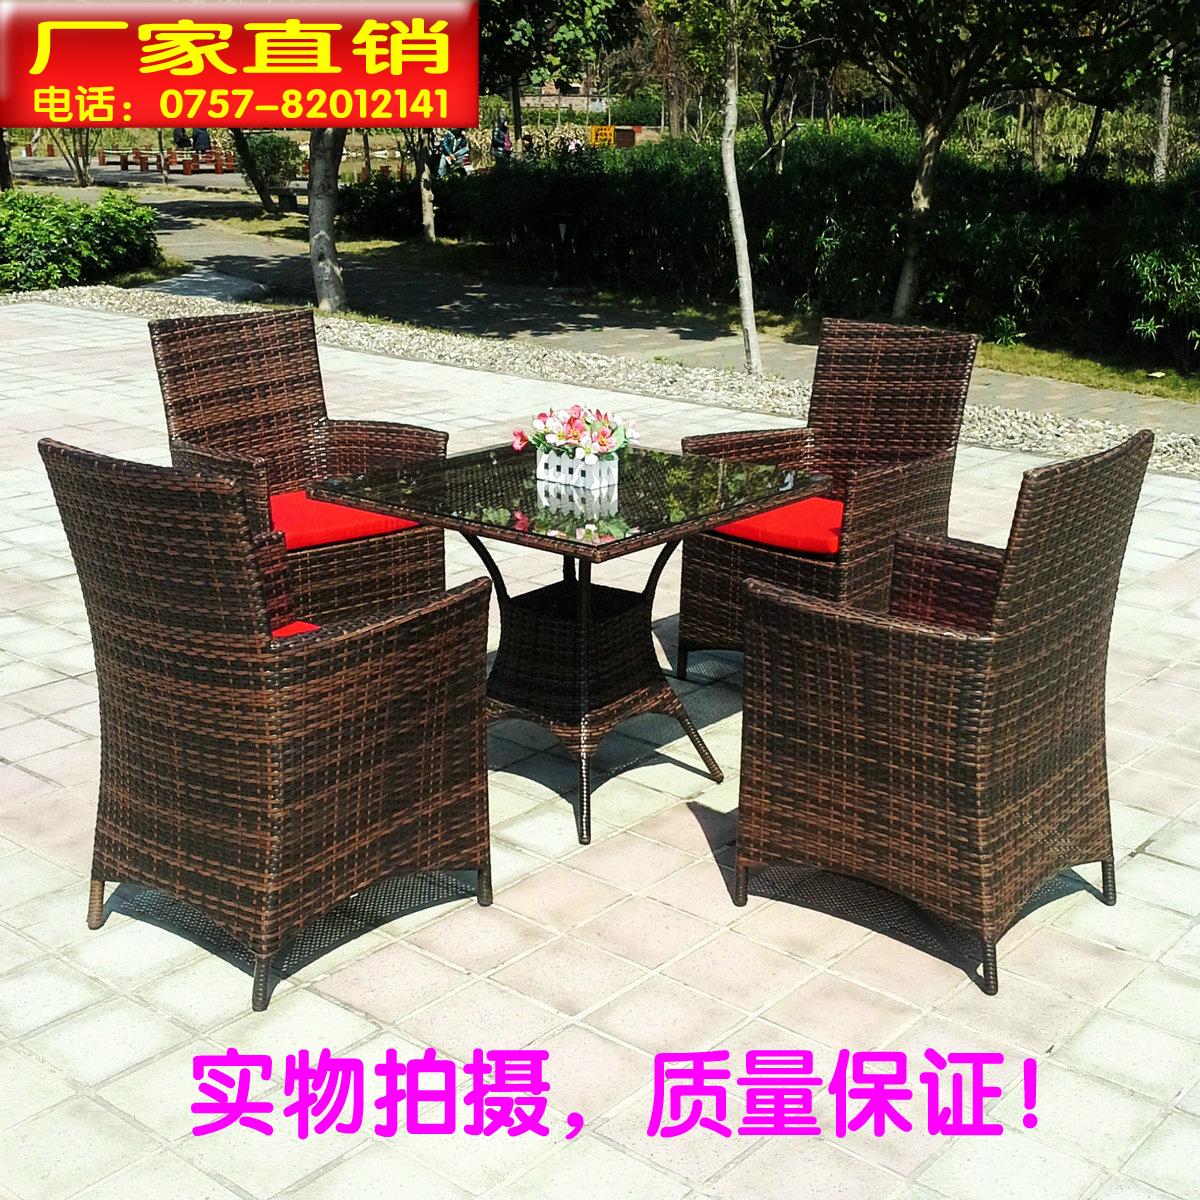 набор складной мебели Yu Jia rattan подвеска shang yu 20140127 001